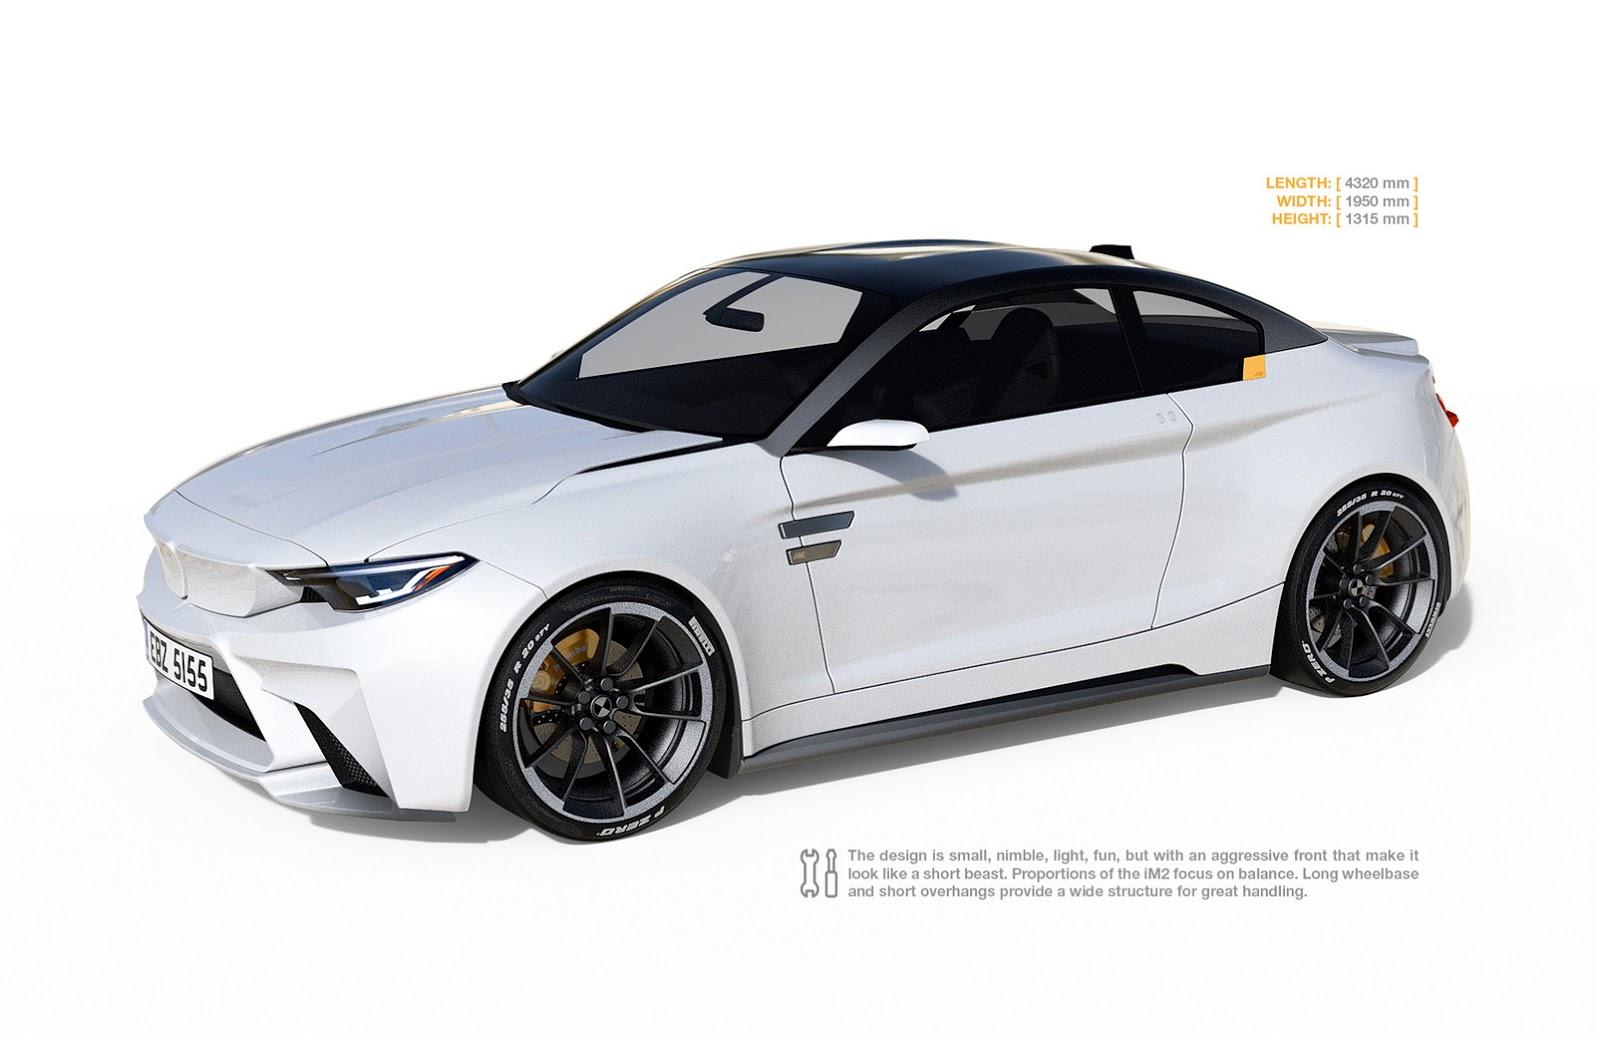 BMW_iM2_Concept_06